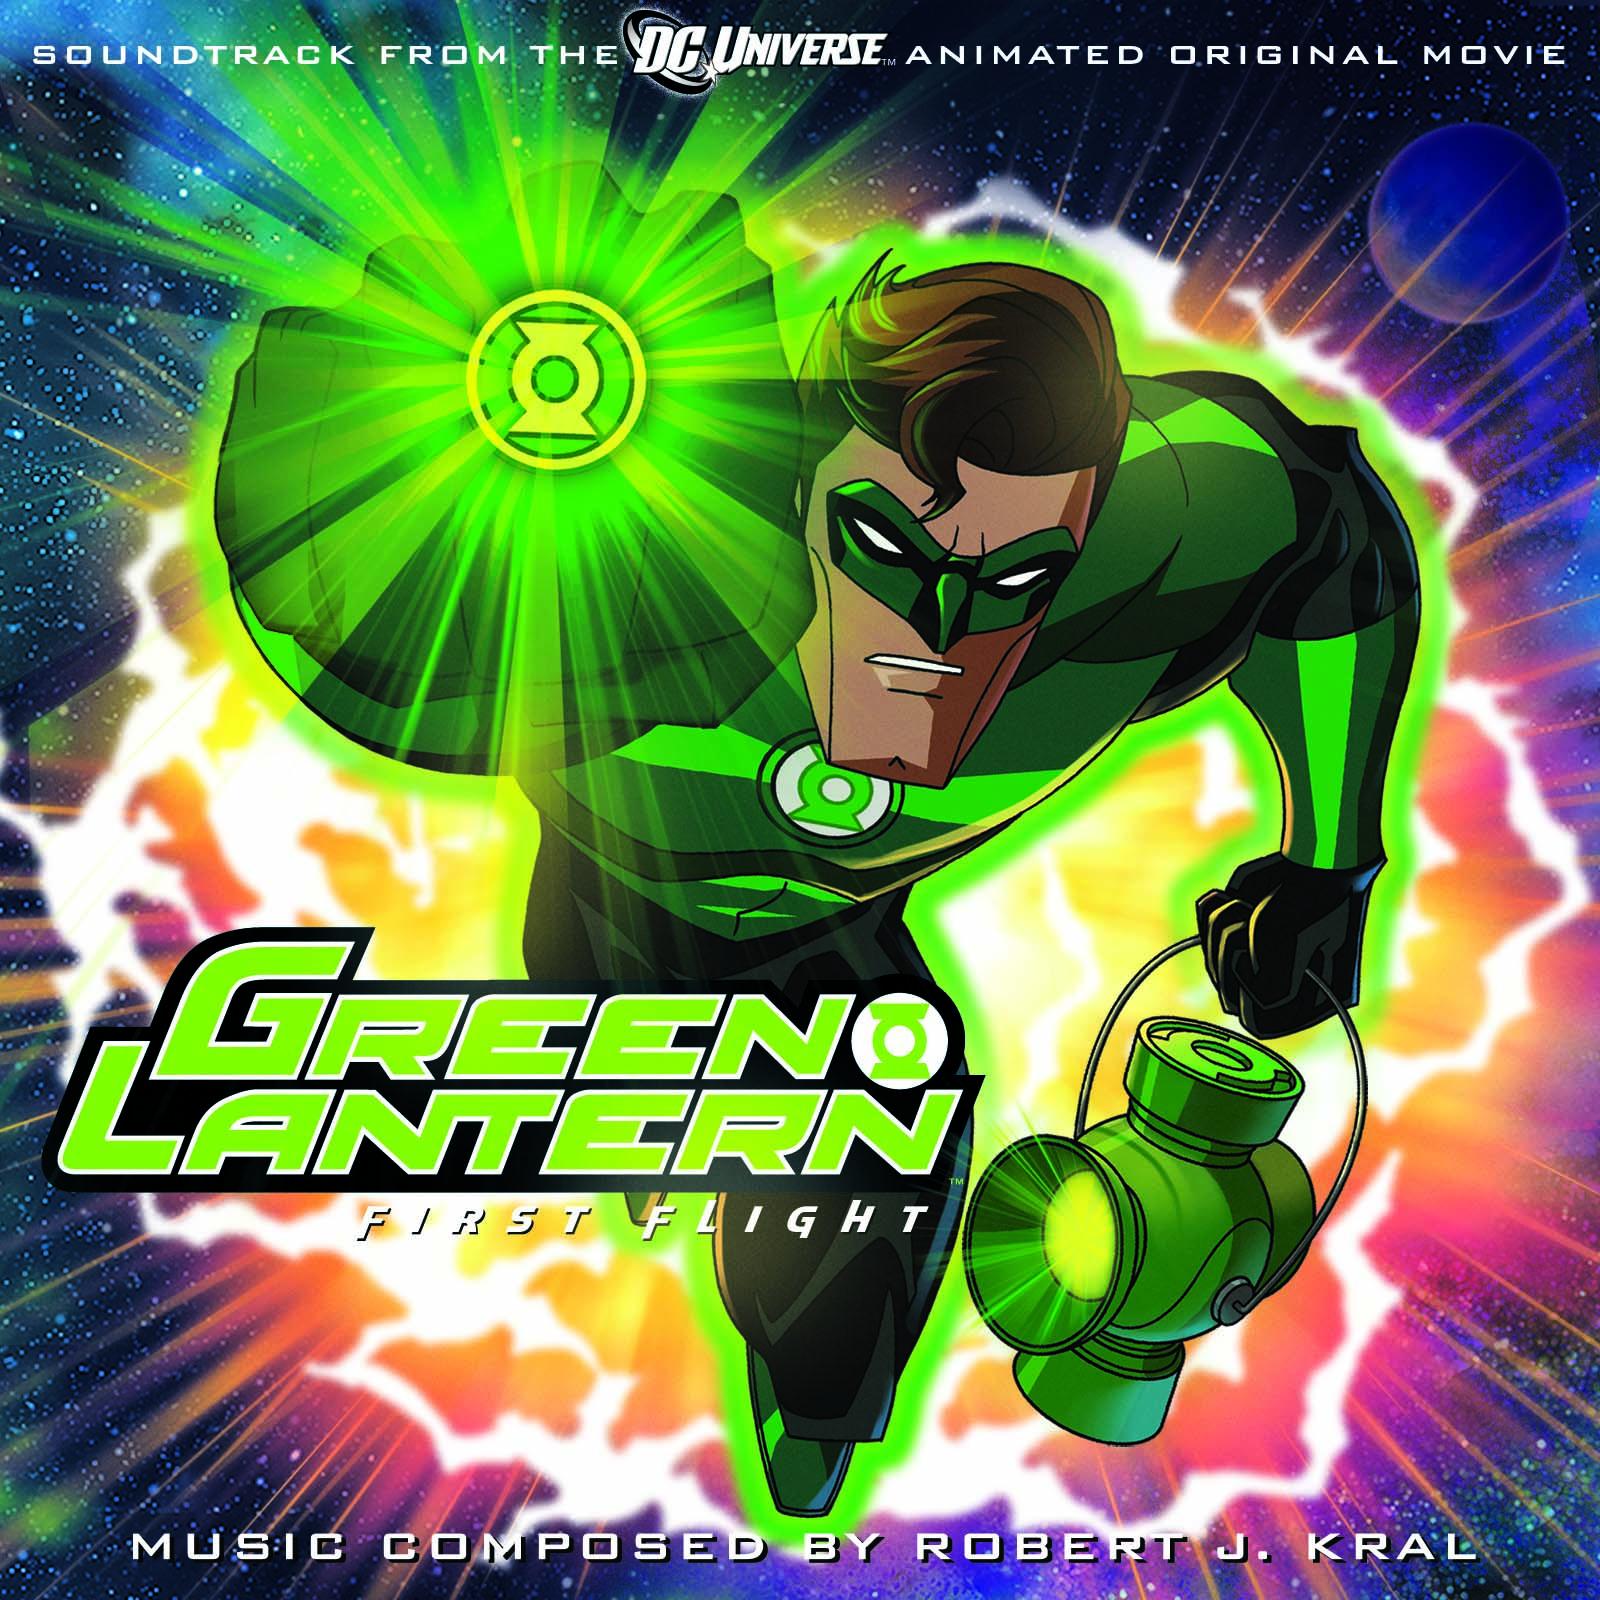 Green lantern first flight movie